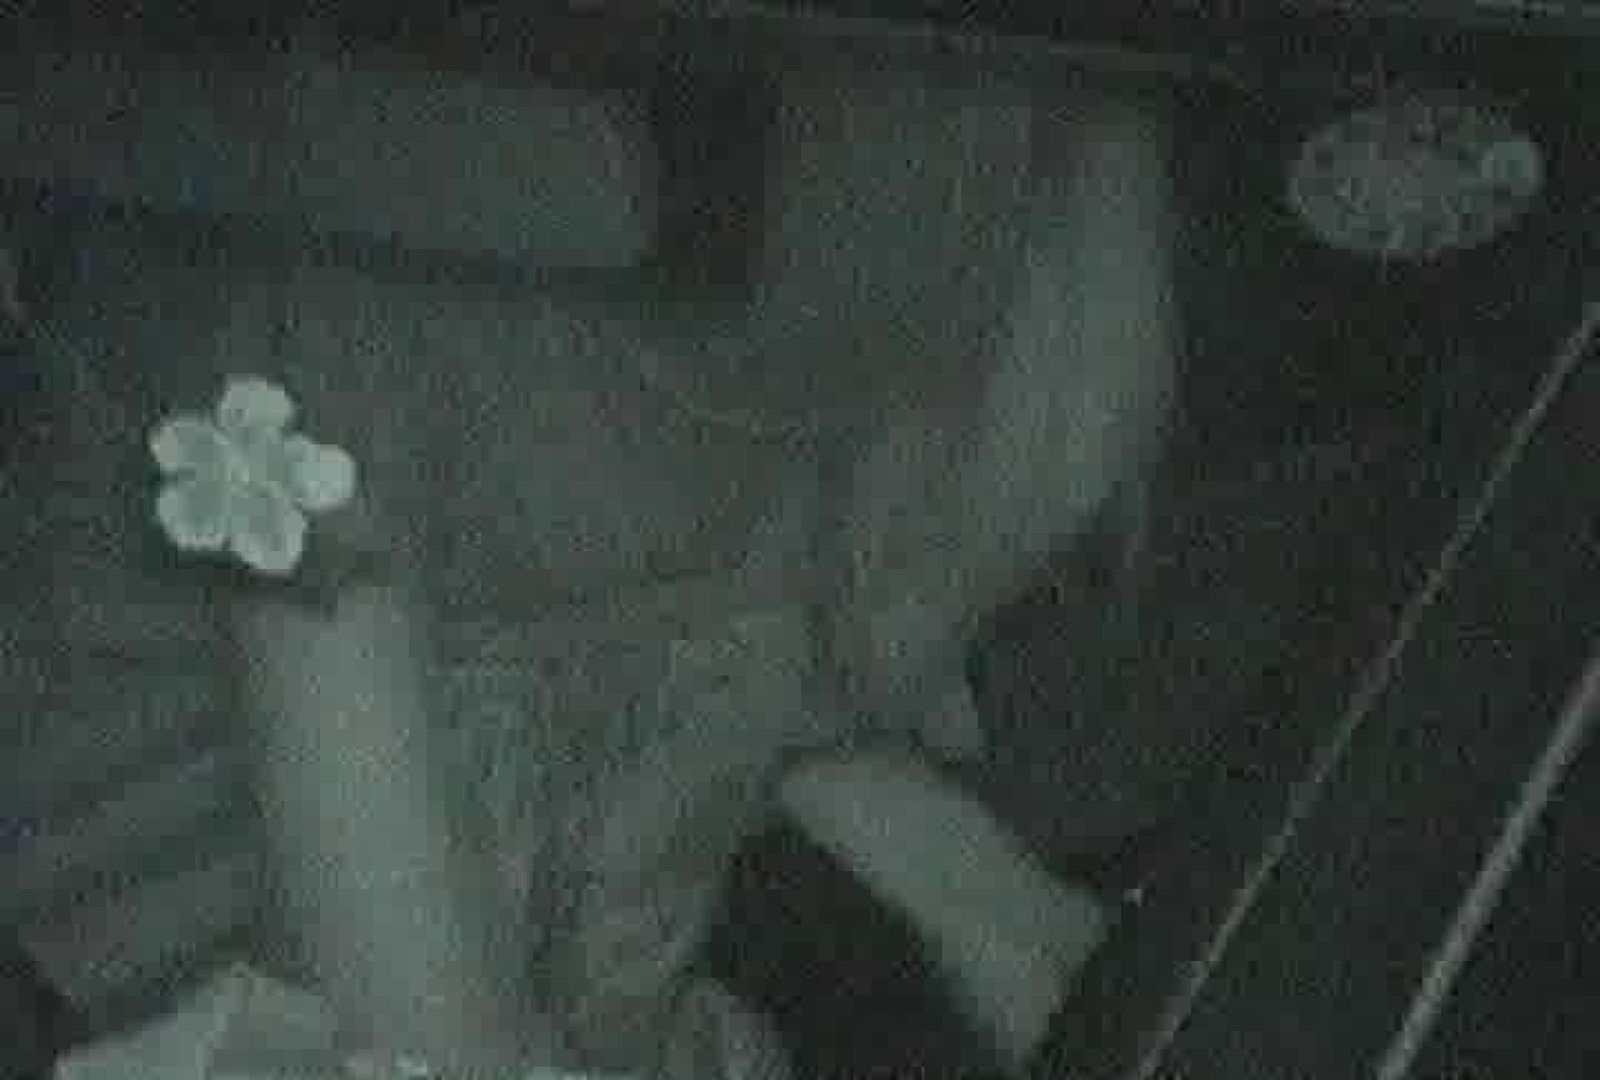 充血監督の深夜の運動会Vol.92 エロティックなOL オマンコ無修正動画無料 82画像 10